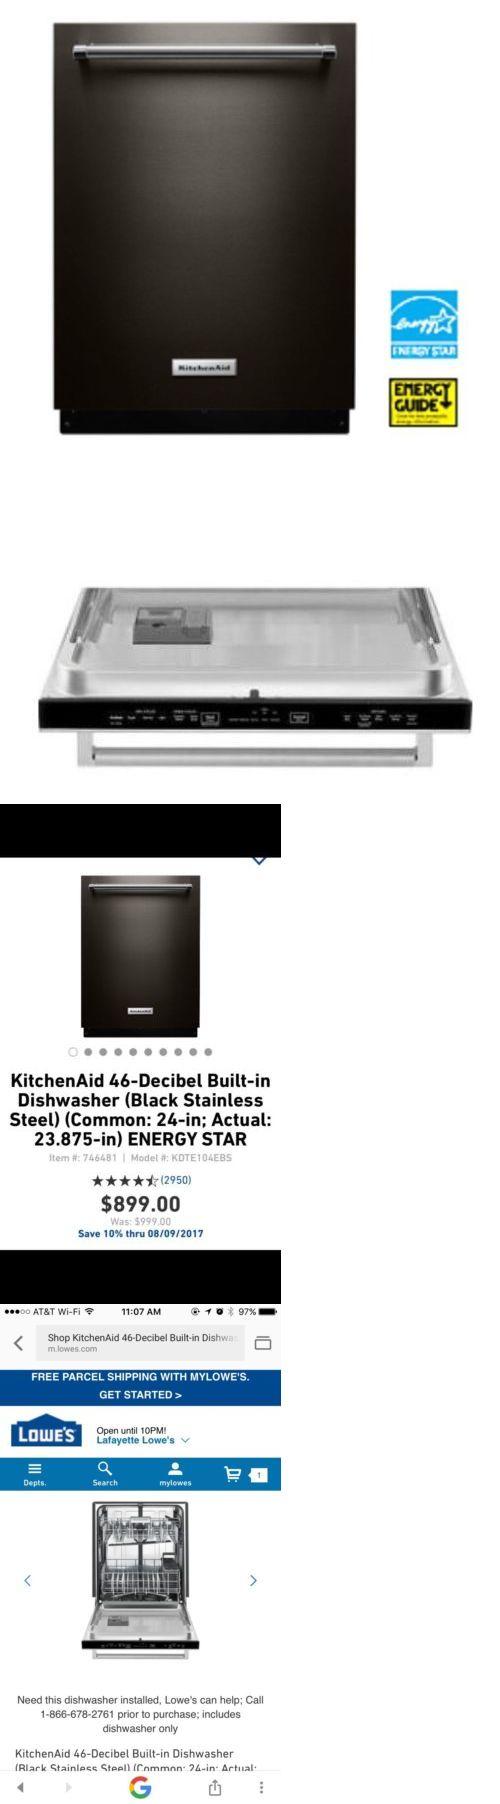 Best 25+ Kitchenaid dishwasher ideas on Pinterest | Dishwashers ...